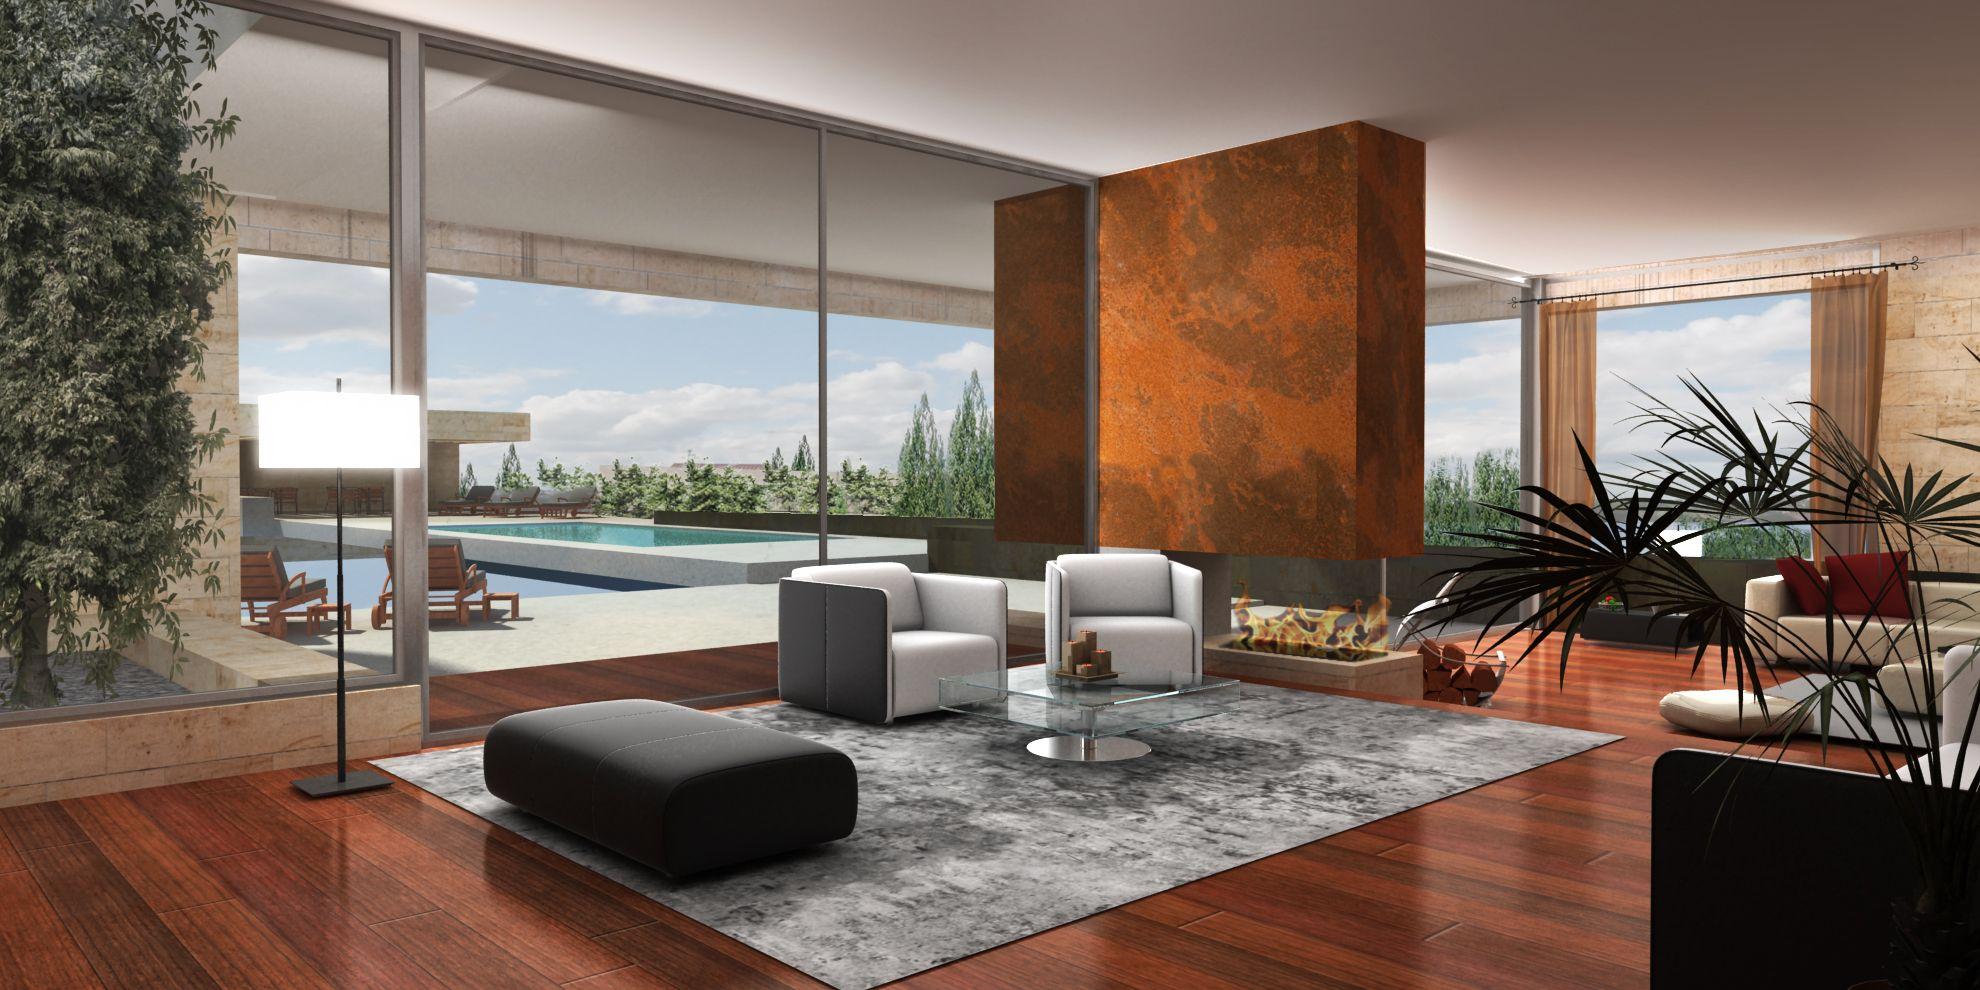 imagenes de interior de casas modernas - Google Search ... on Interiores De Casas Modernas  id=20552